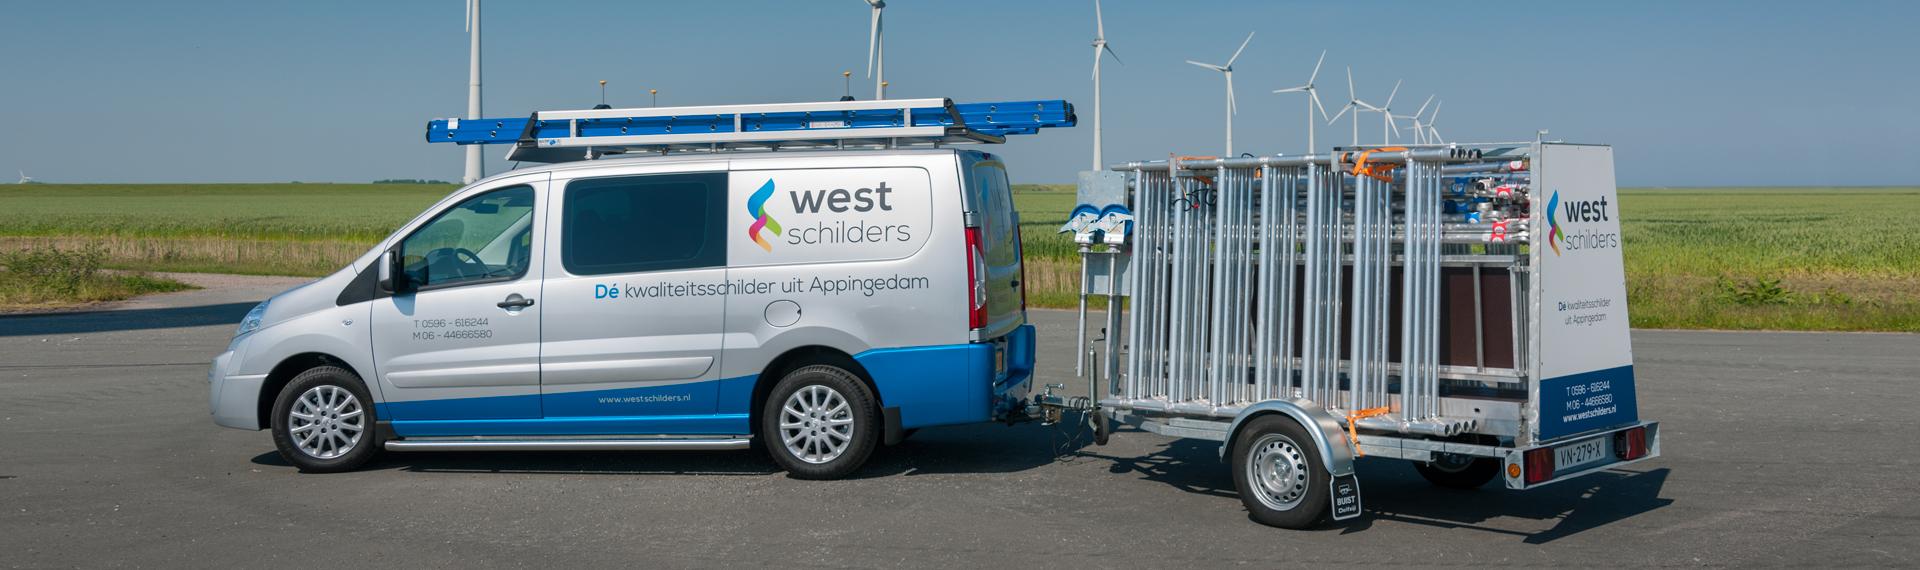 West Schilders de kwaliteitsschilder uit Appingedam 5